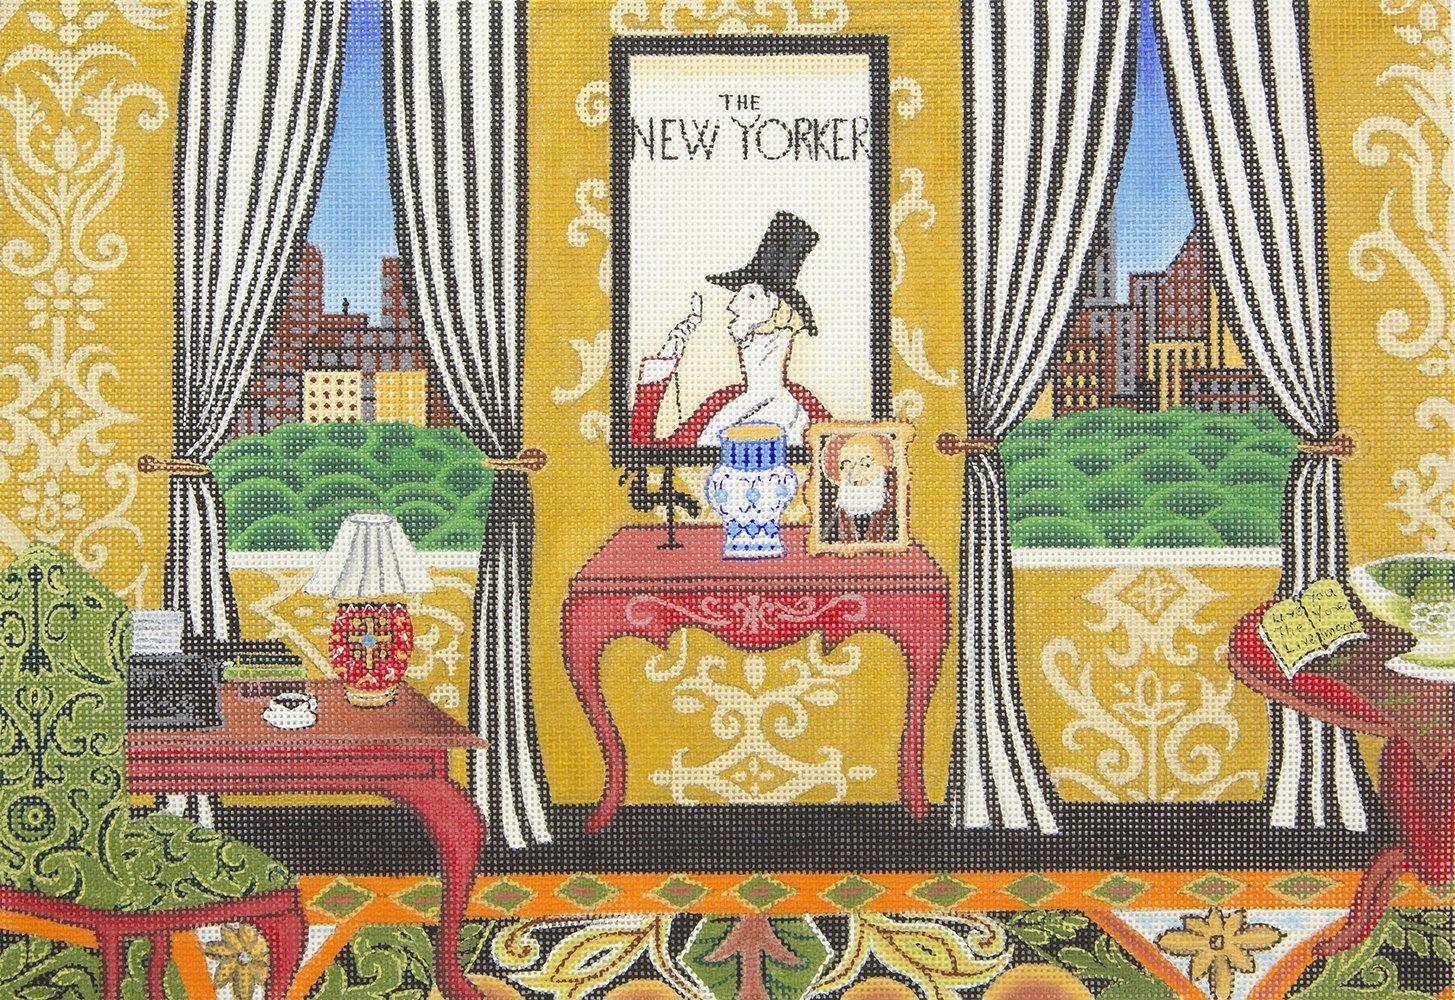 JM1508 The New Yorker Julie Mar & Friends